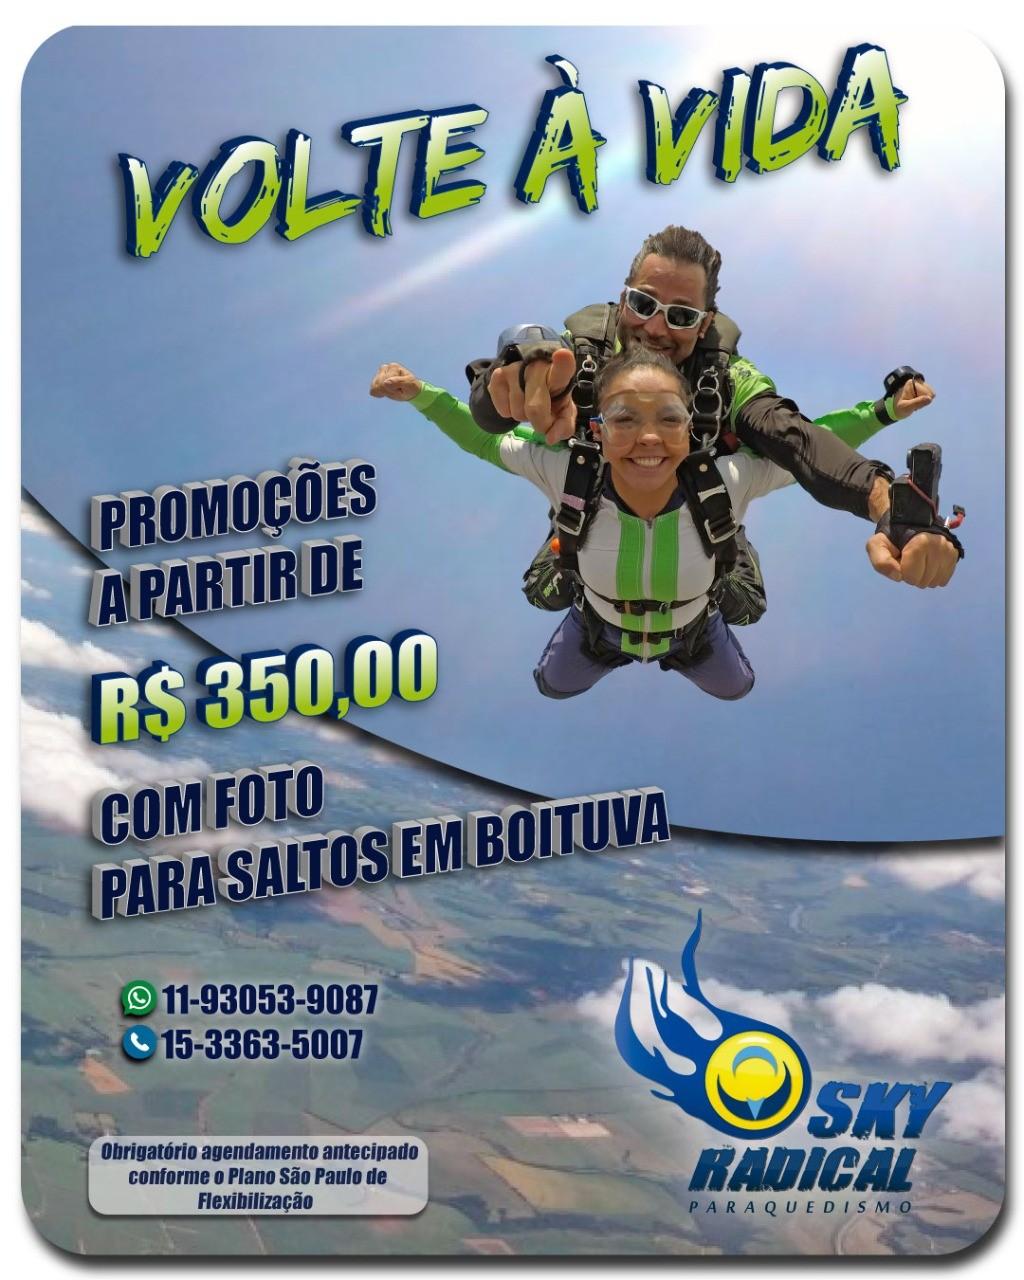 SALTO DUPLO +1 FOTO (PROMOÇÃO)  - SkyRadical Paraquedismo